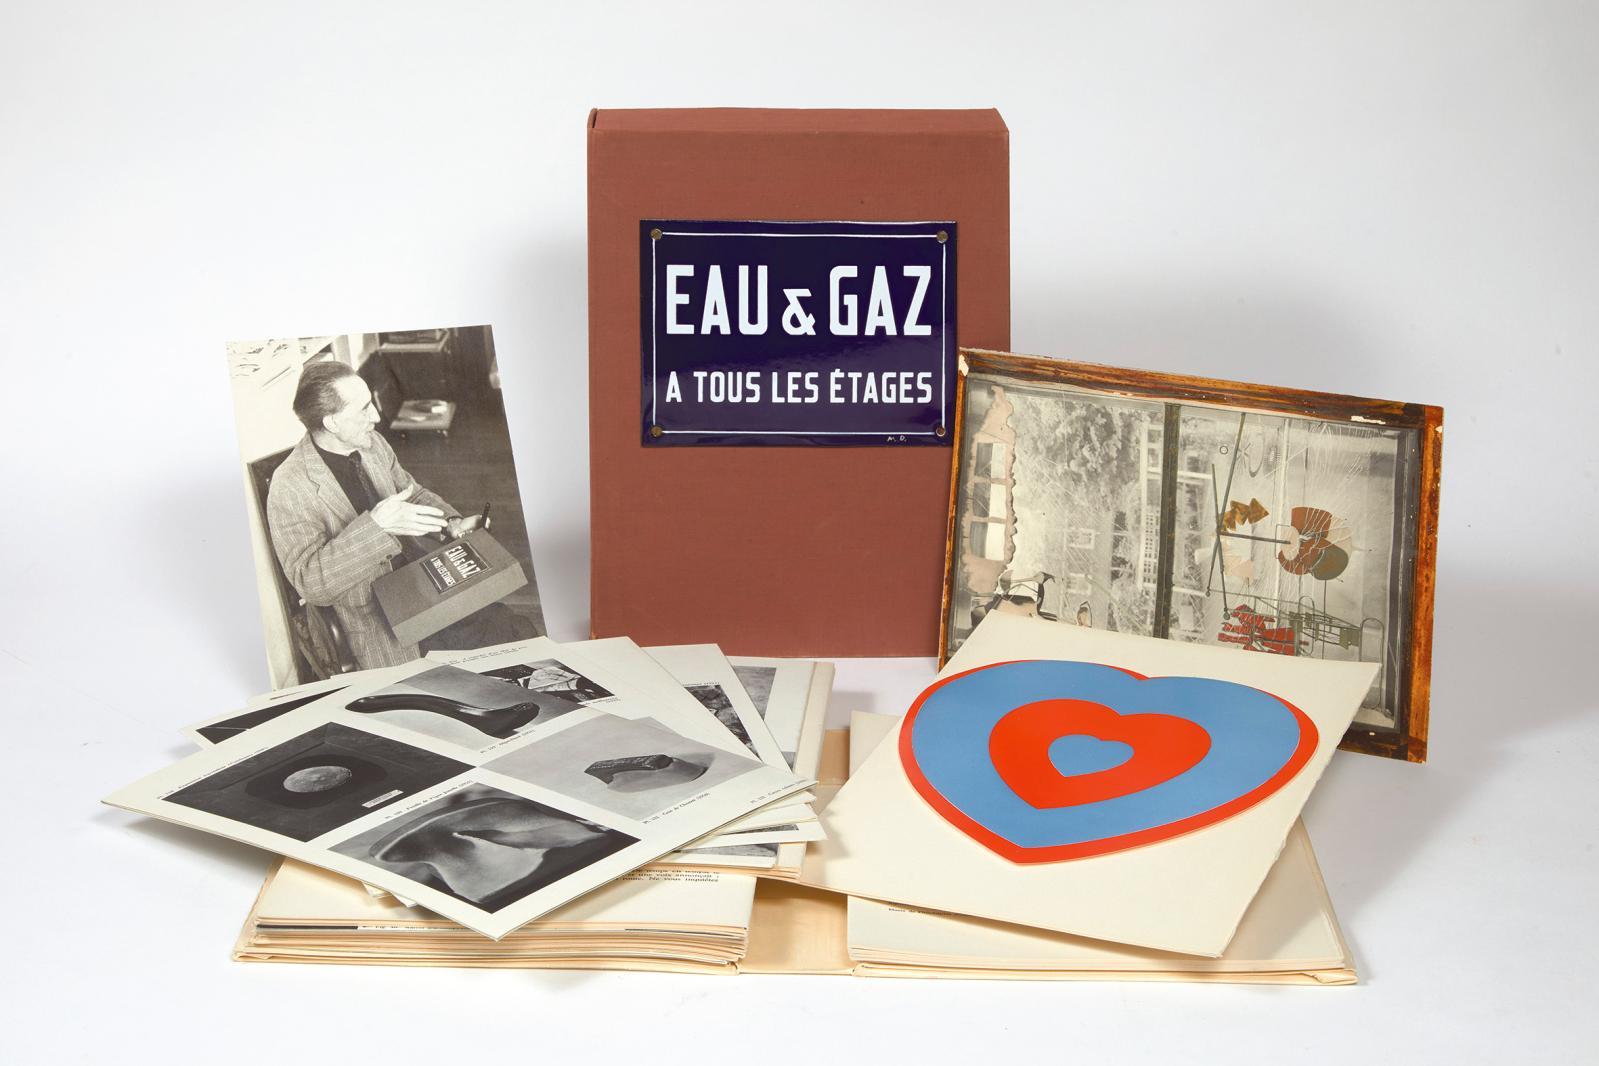 Marcel Duchamp et Robert Lebel, Sur Marcel Duchamp. Eau& Gaz à tous les étages, Paris, éditions Trianon, 1959, l'un des dix exemplaires s